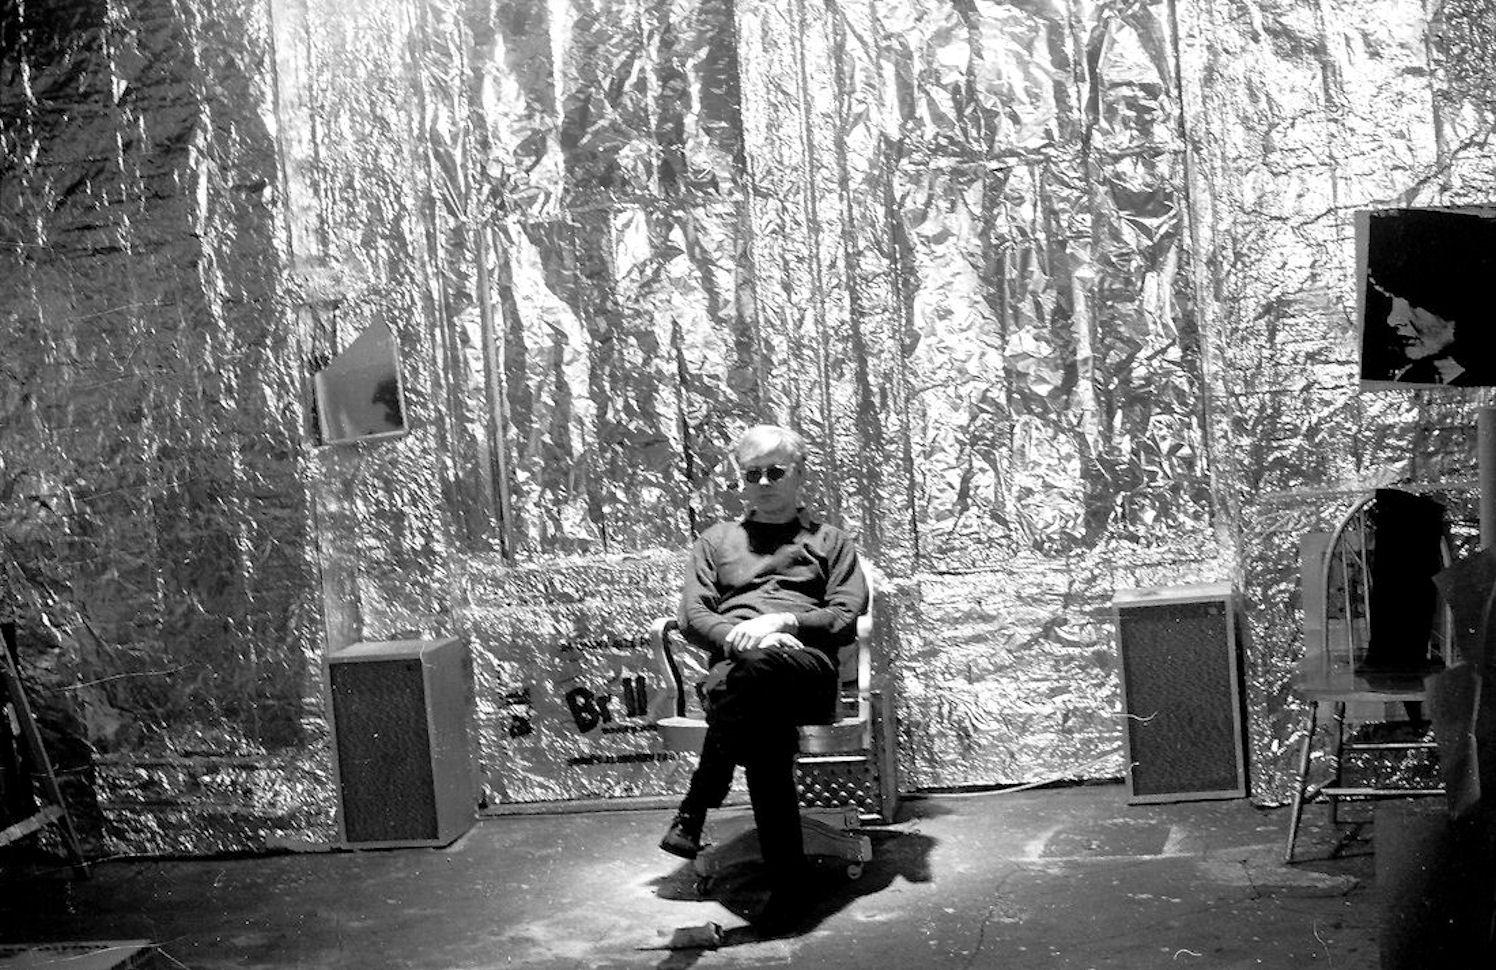 Andy Warhol et la Silver Factory Image via top-img.com